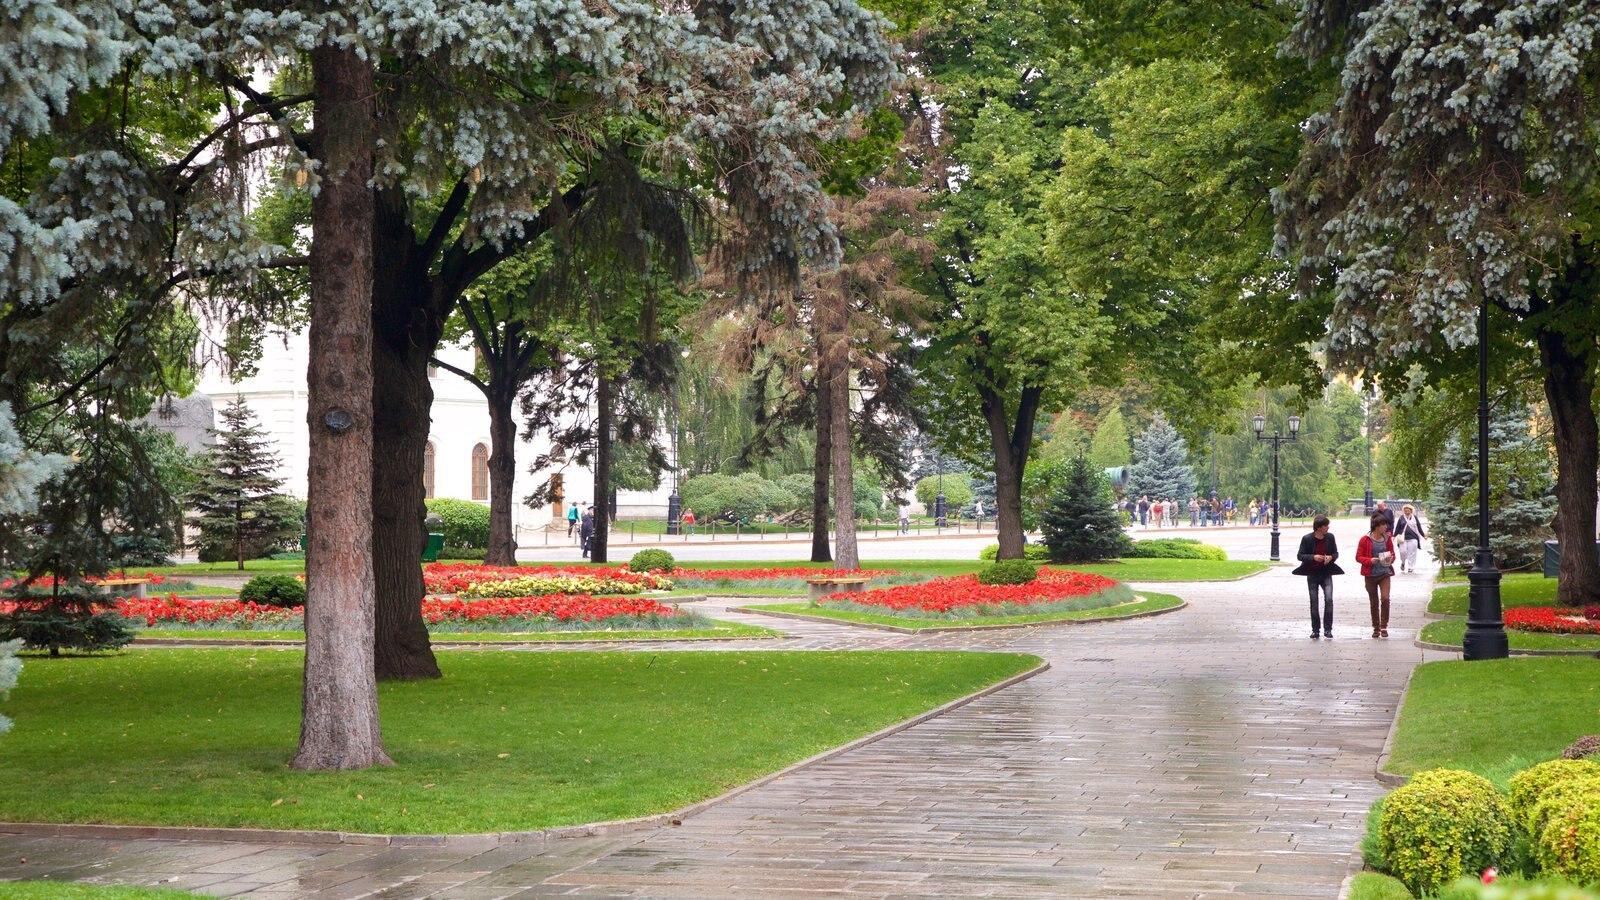 Fotos de parques y jardines ver im genes de kremlin de mosc for Parques y jardines fotos